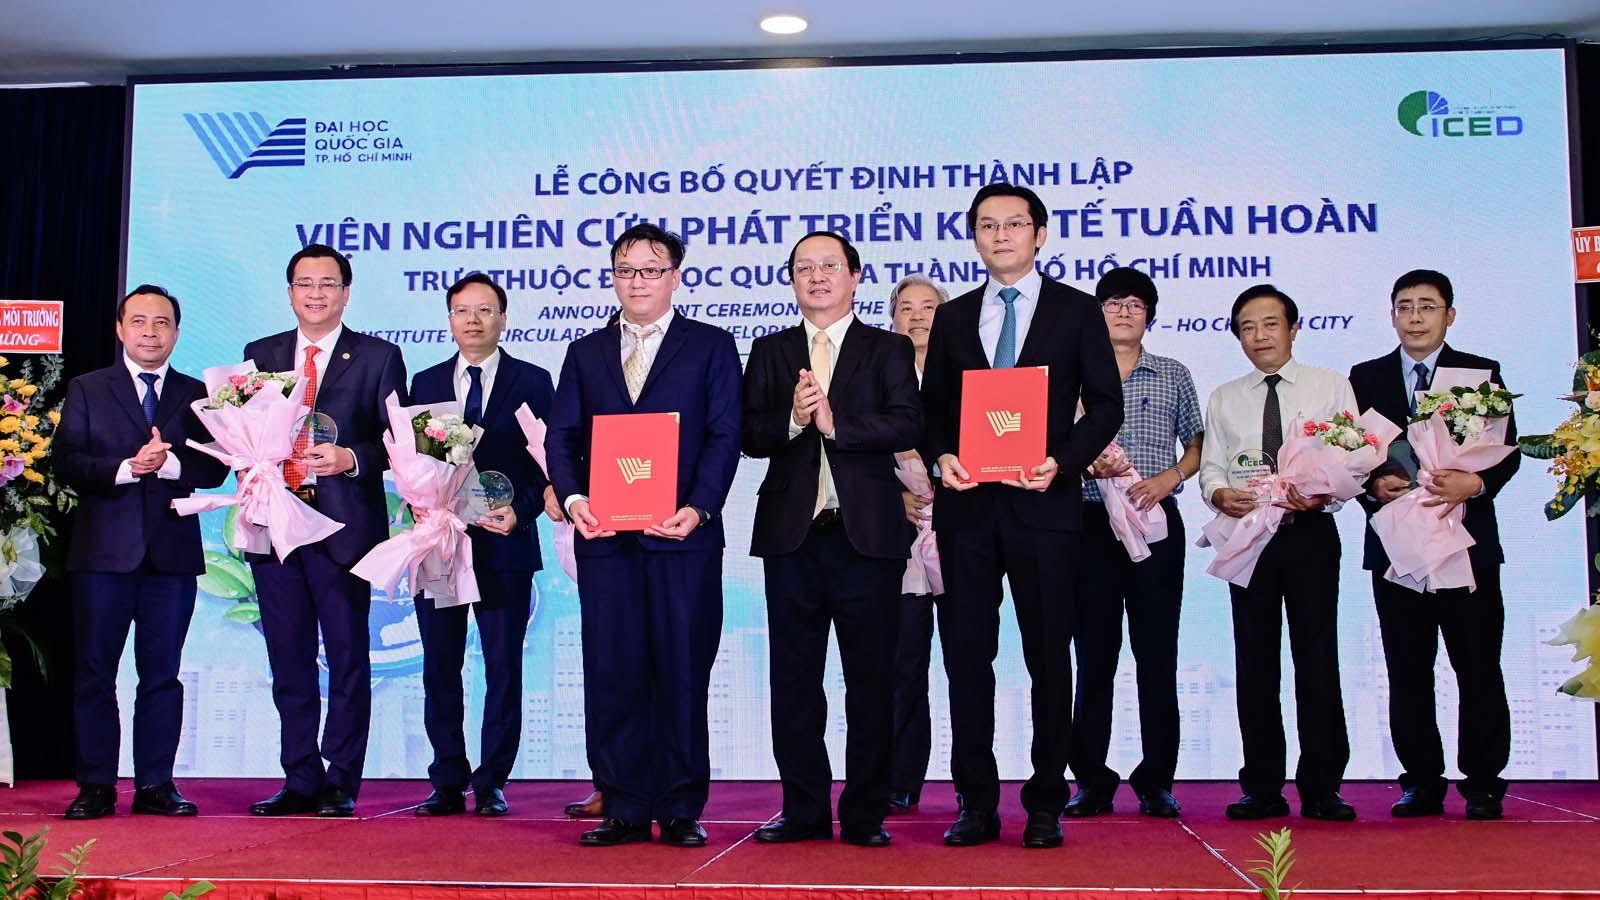 Ra mắt Viện Nghiên cứu phát triển Kinh tế tuần hoàn